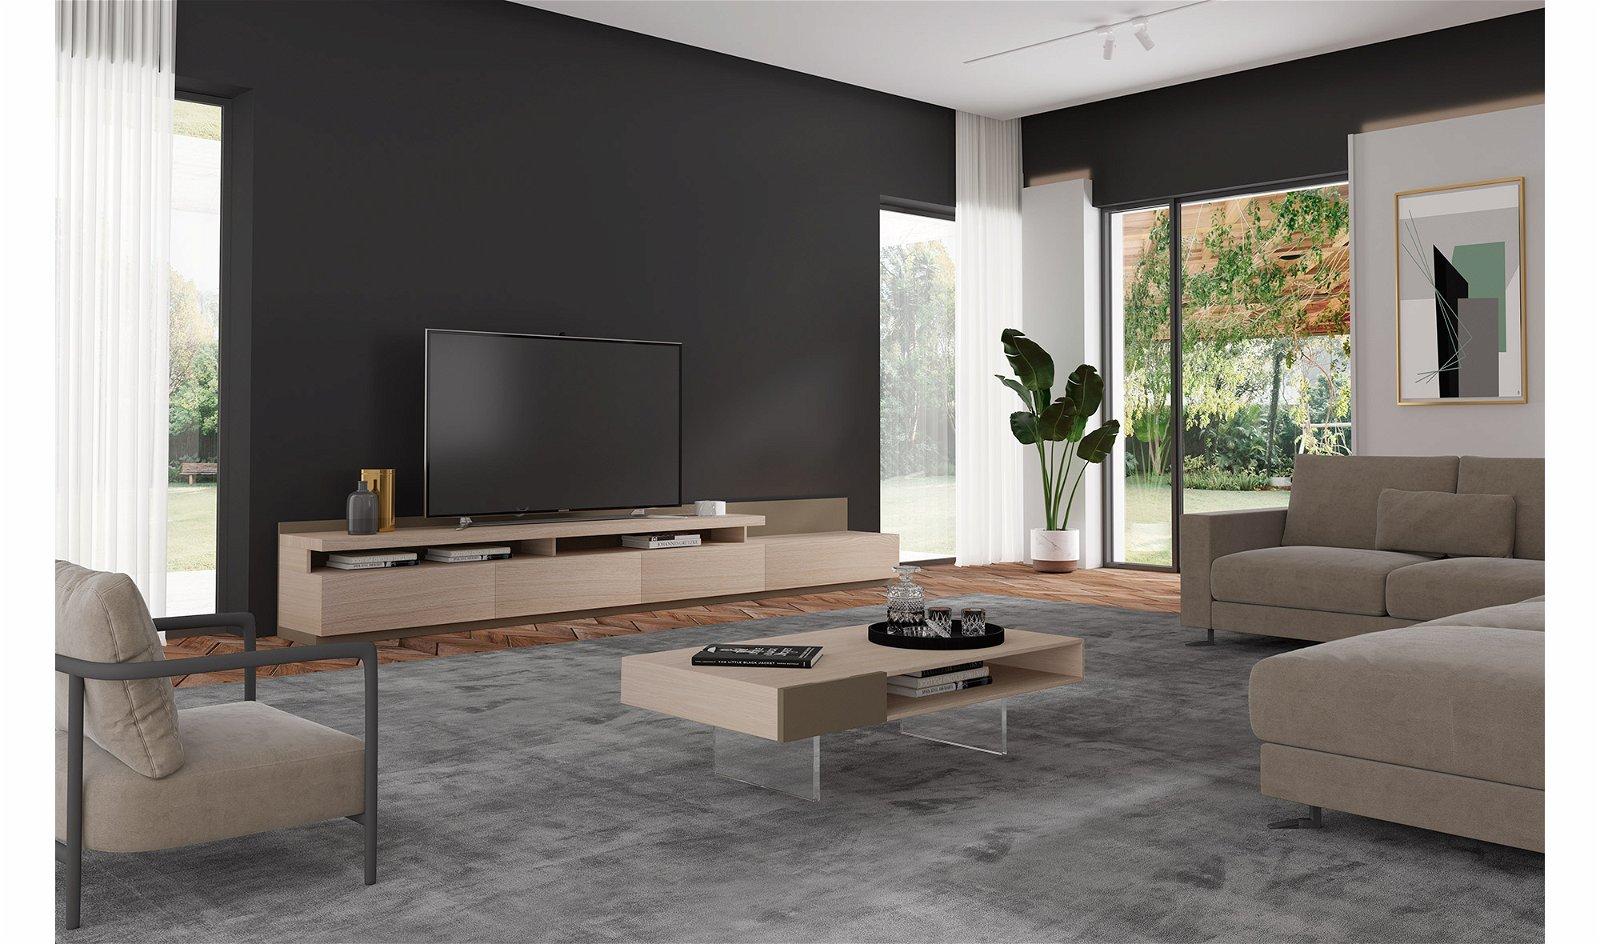 Mueble tv con chimenea eléctrica Palermo by Bodonni